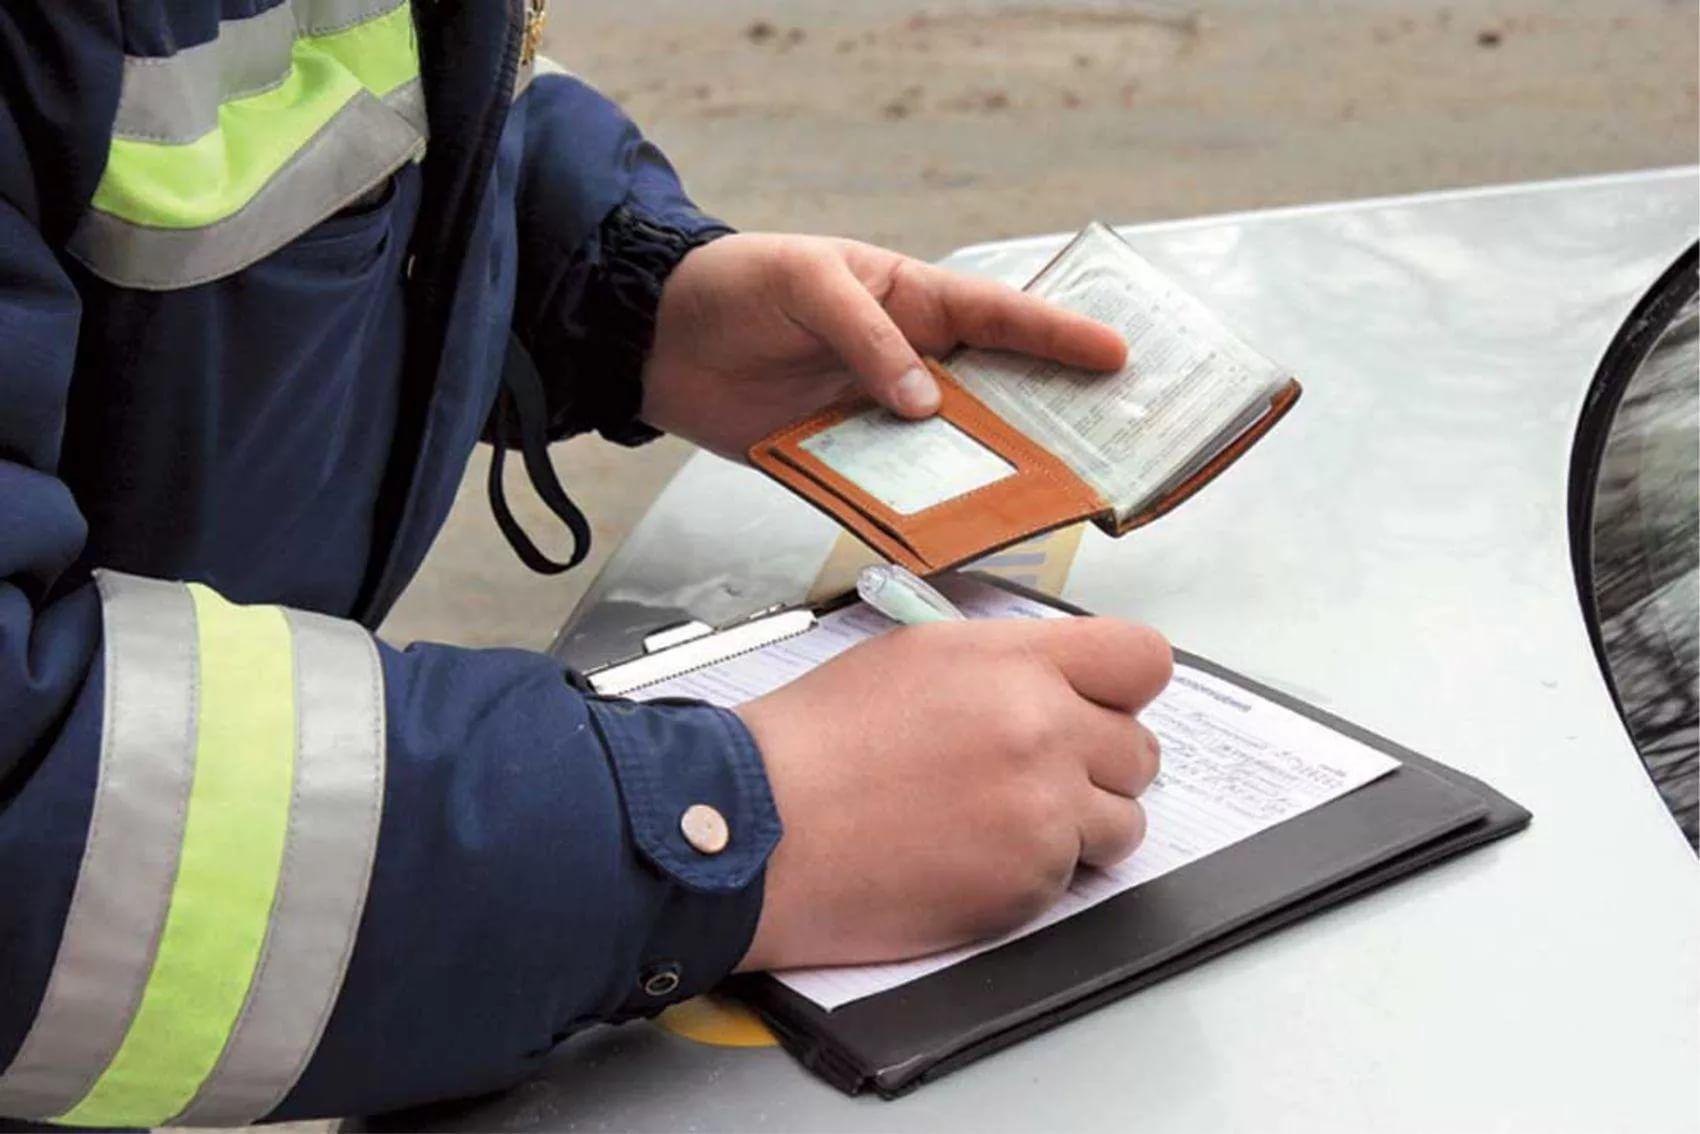 Российским автомобилистам грозит лишение прав всего за три нарушения